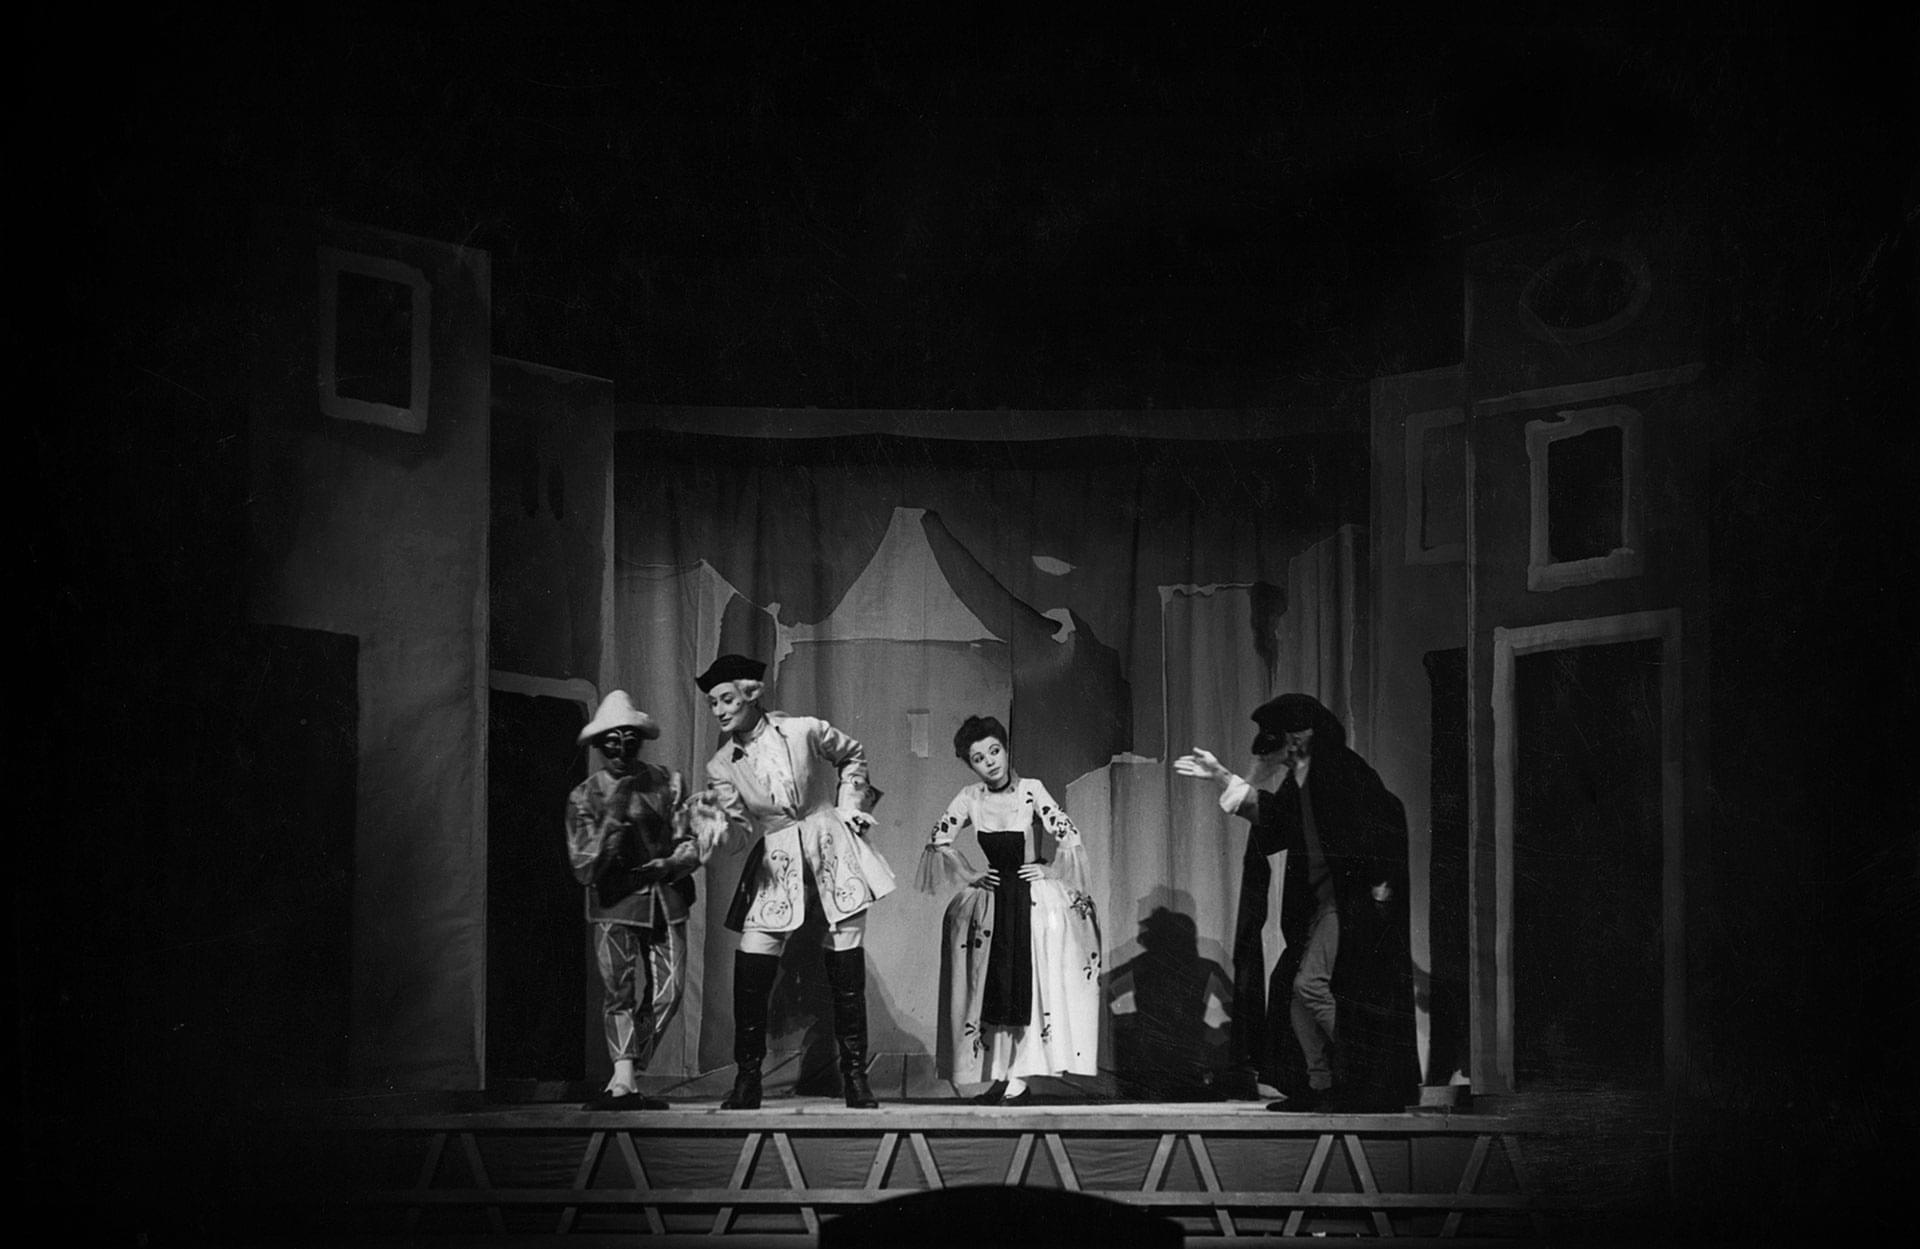 Marcello Moretti, Elena Zareschi, Anna Maestri e Antonio Battistella - Archivio Piccolo Teatro di Milano